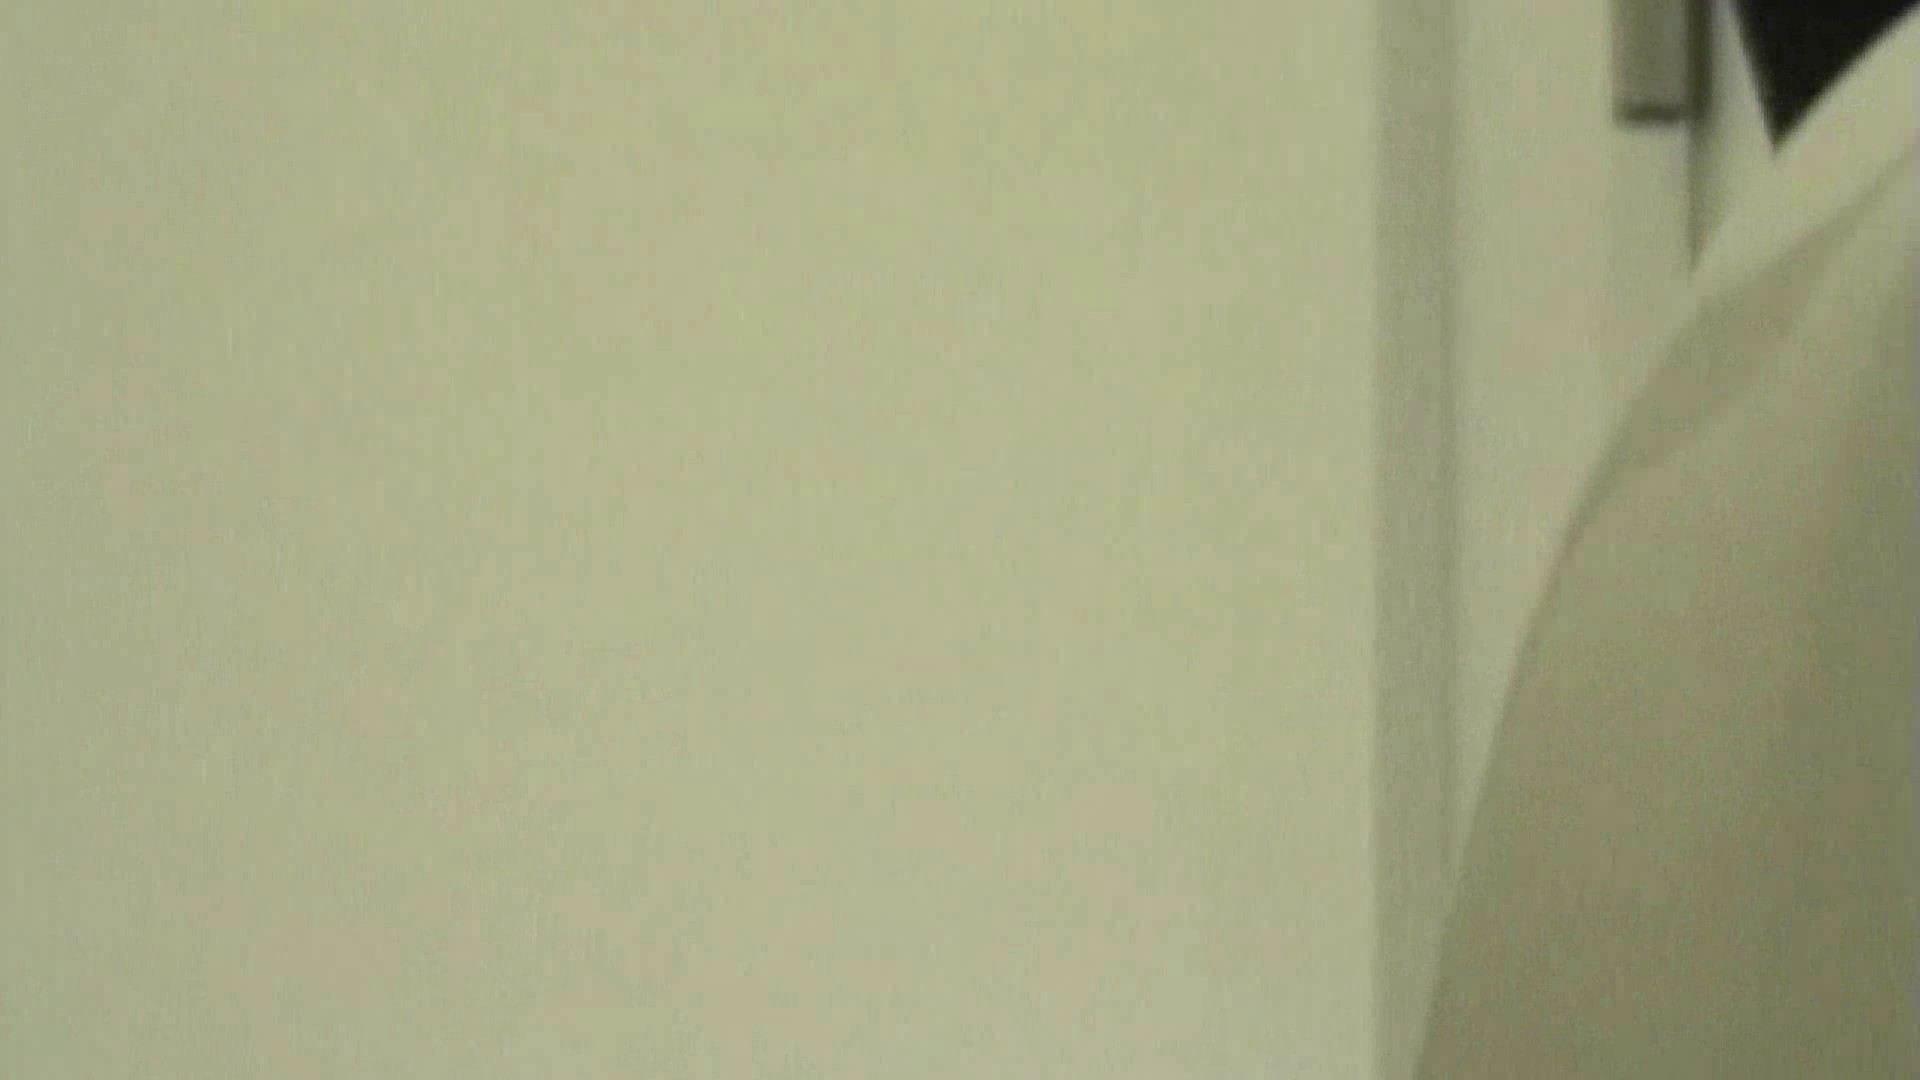 キレカワ女子大生の秘密の洗面所!Vol.025 女子大生 隠し撮りすけべAV動画紹介 72pic 12